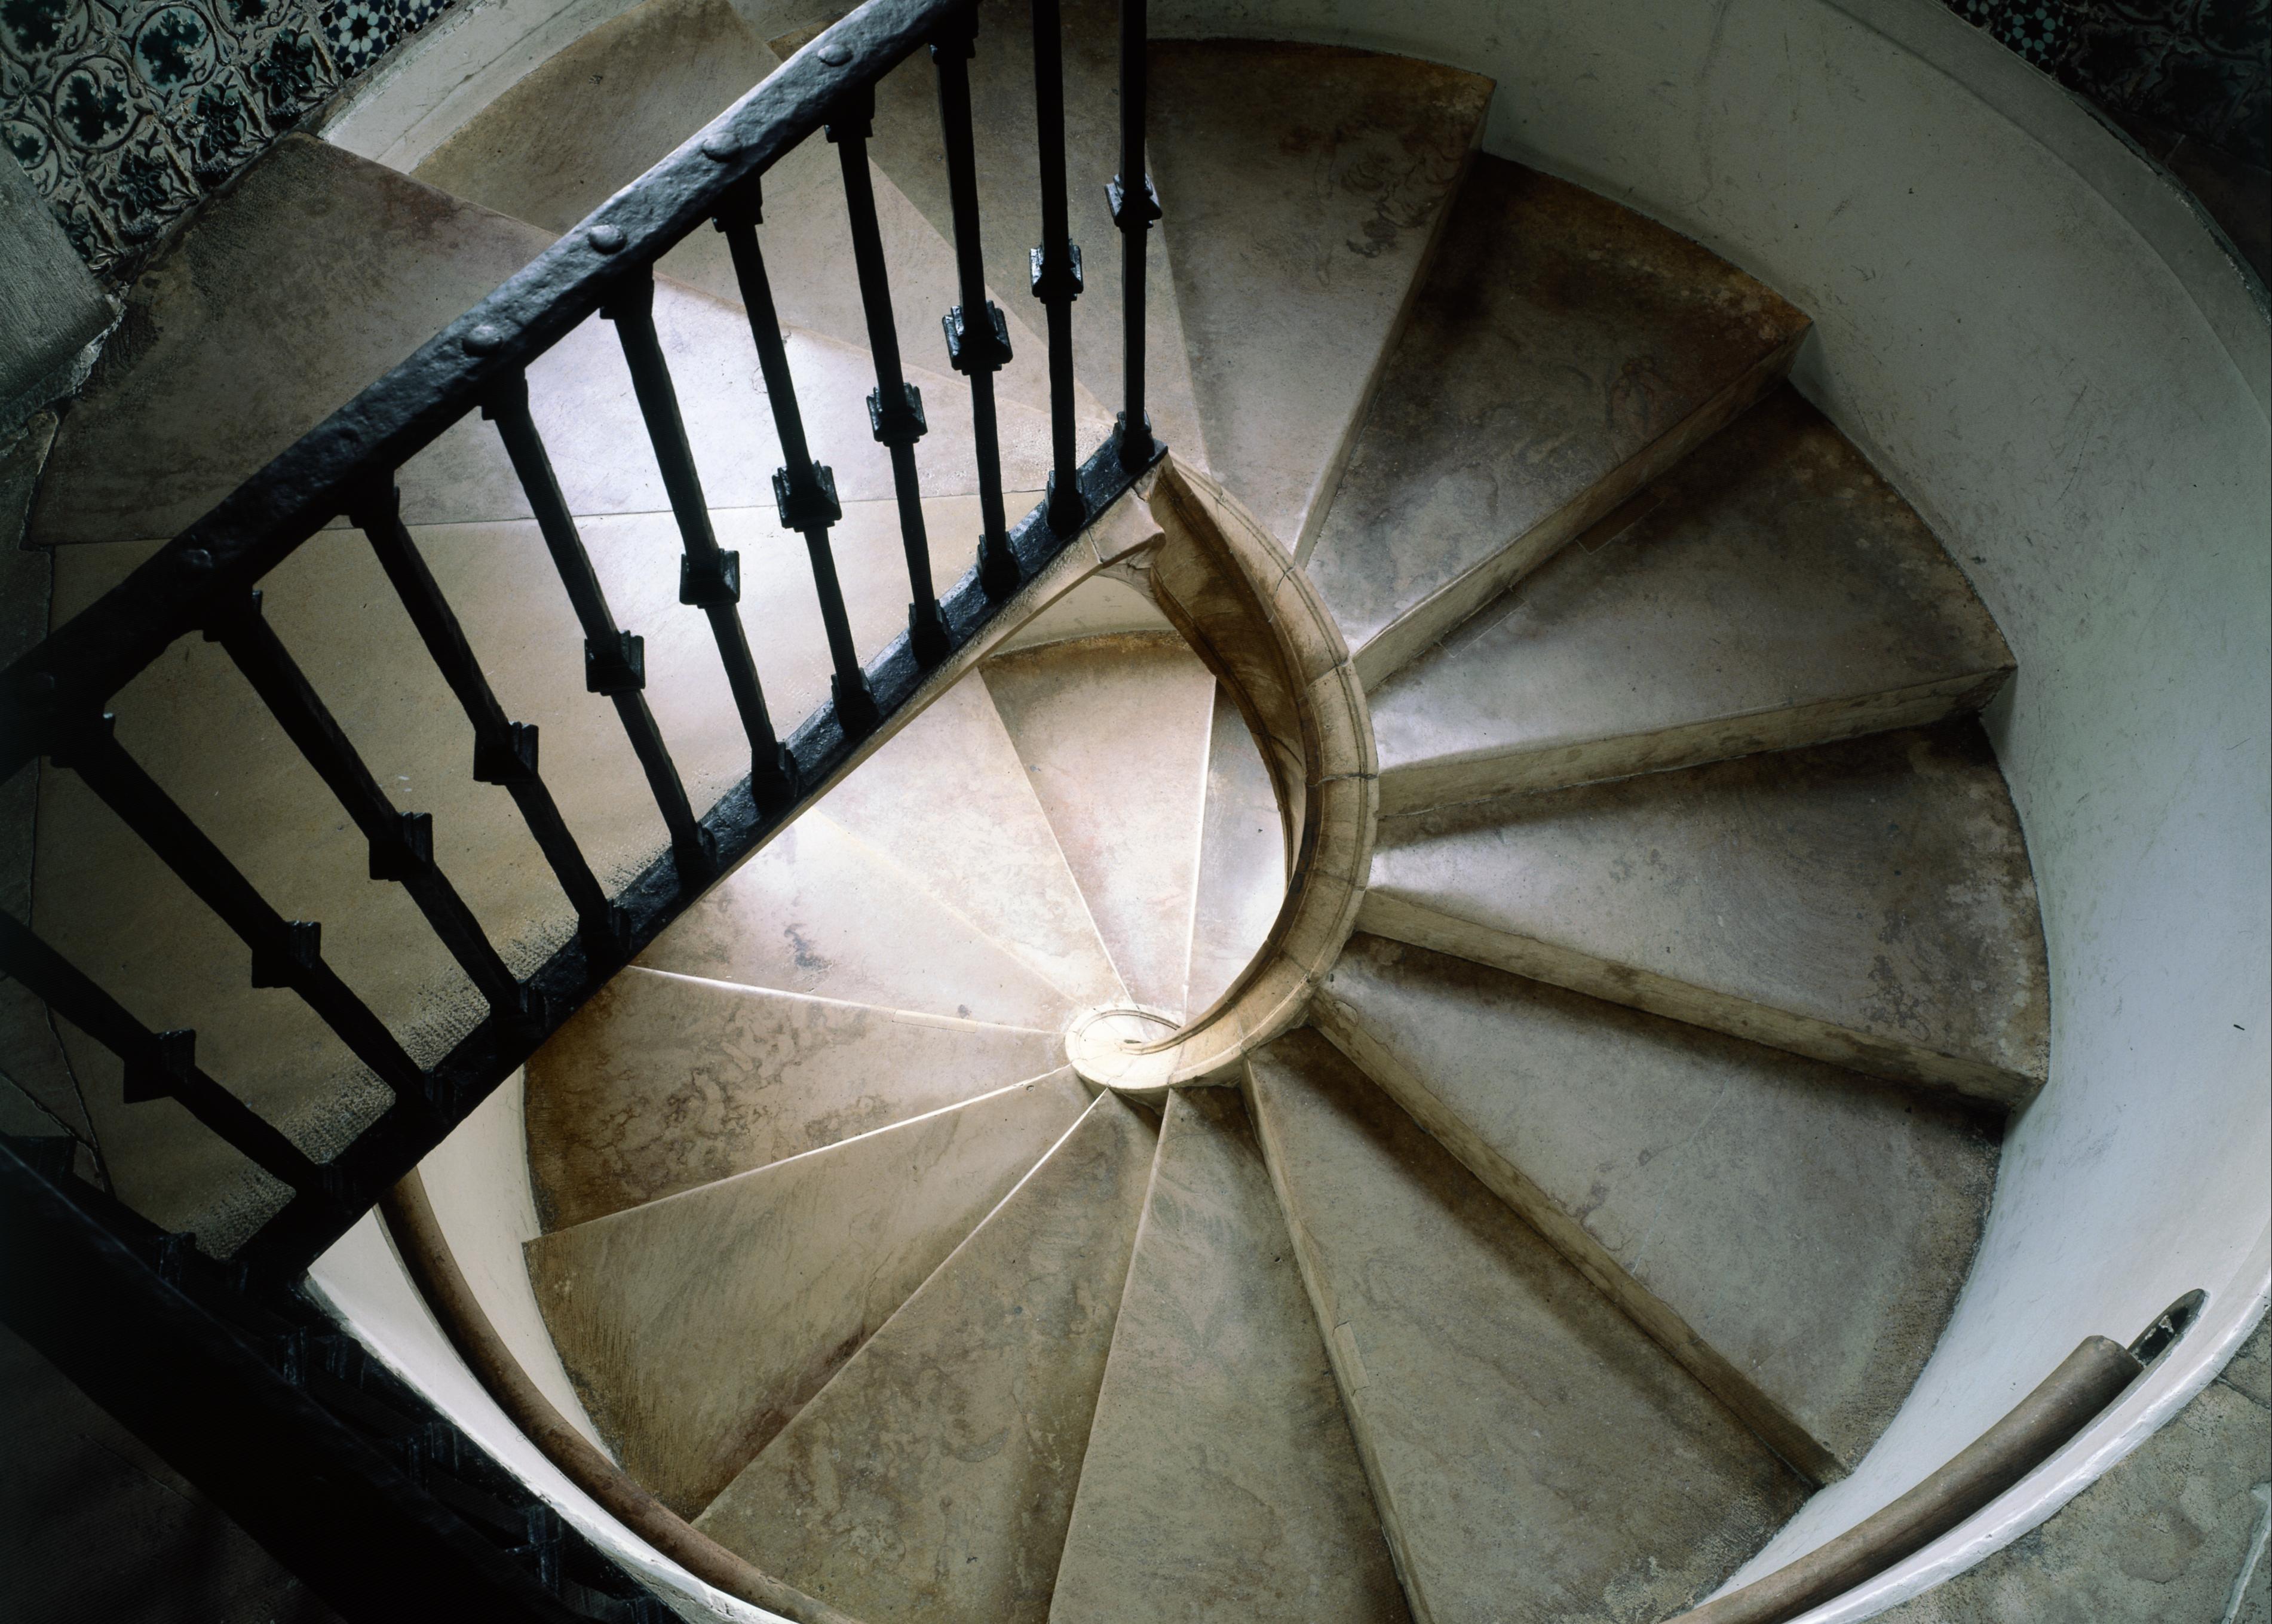 Acrescentam-se um novo paço, escadas e passagens